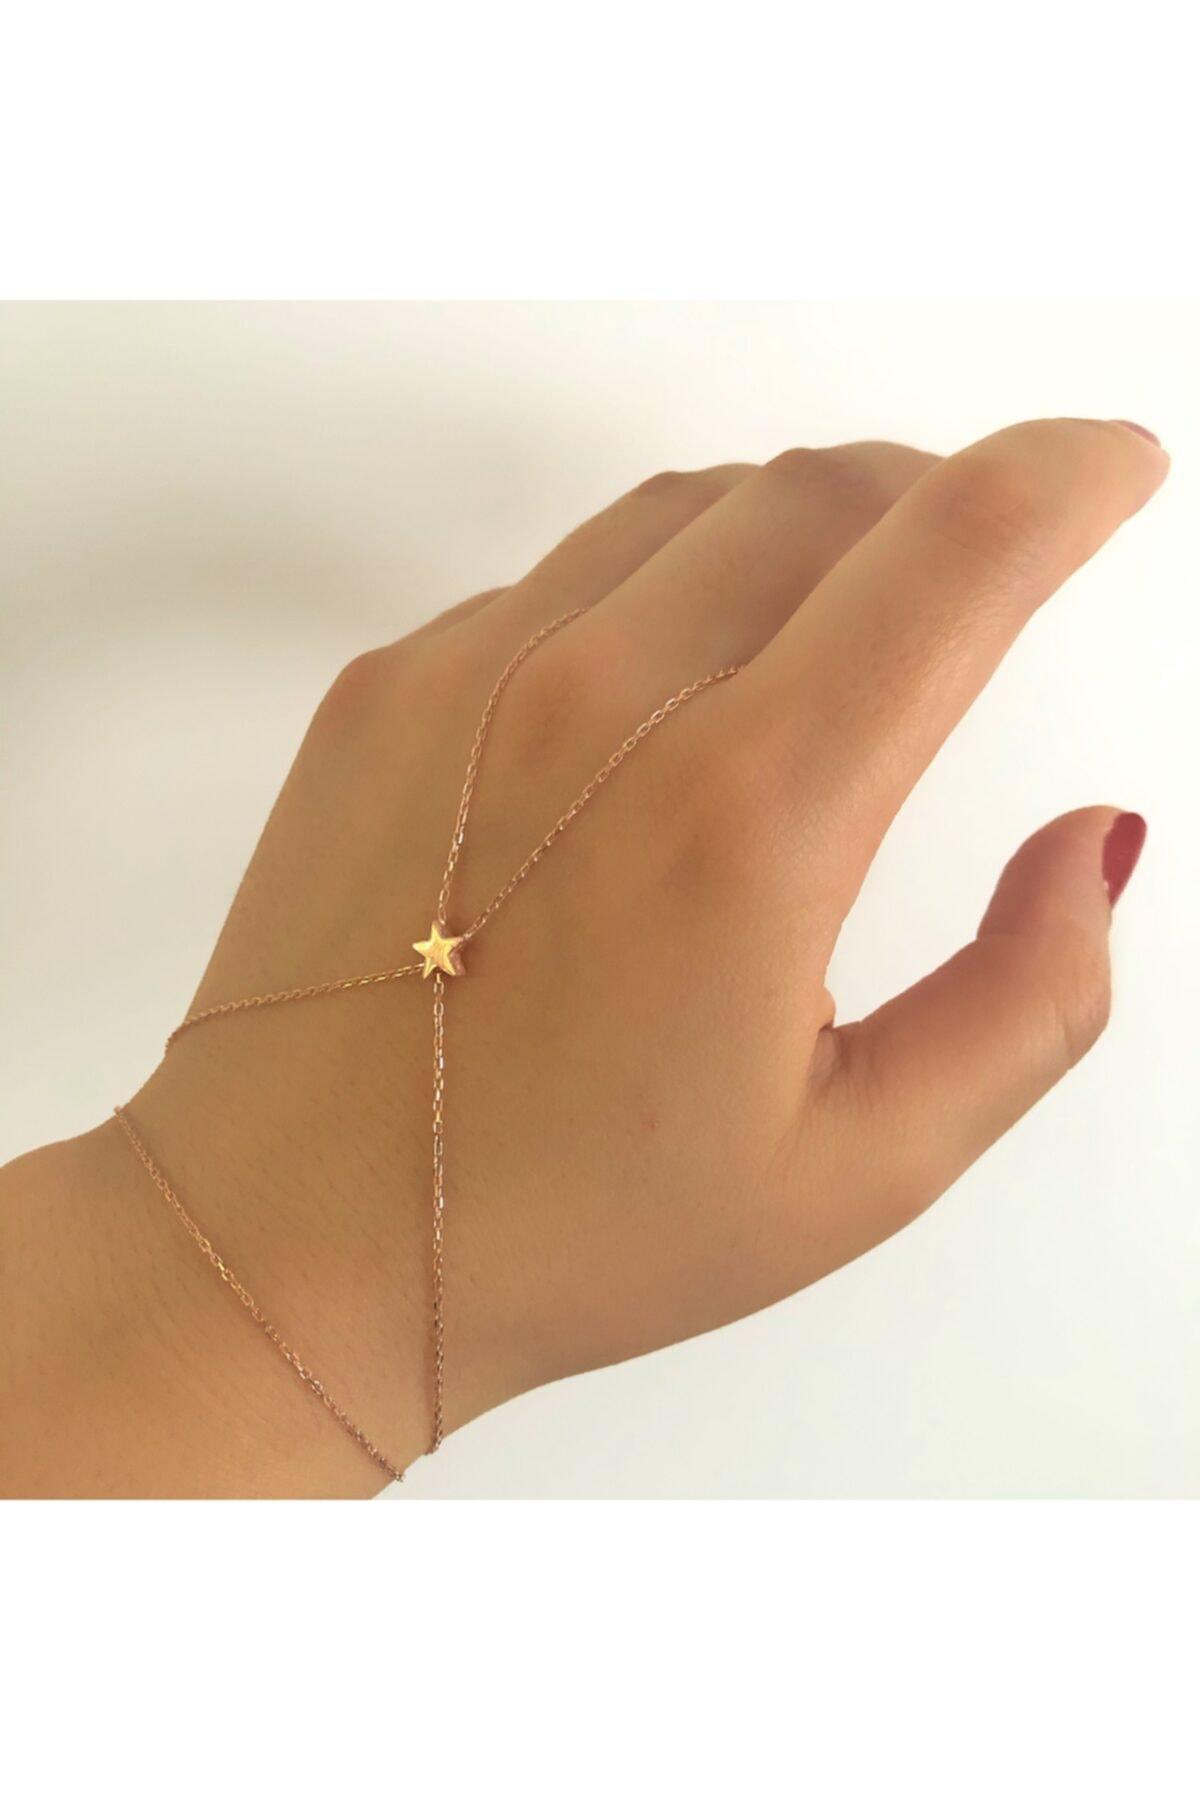 خرید دستبند انگشتی زنانه شیک برند SİLVEROFMATMAZEL رنگ صورتی ty61854187